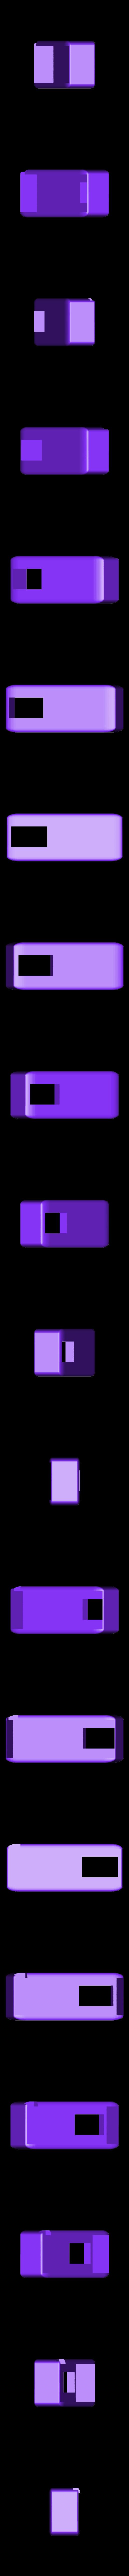 Estuche_del_sensor_infrarrojo.stl Télécharger fichier STL gratuit Distributeur automatique de gel Remix • Plan à imprimer en 3D, maxine95